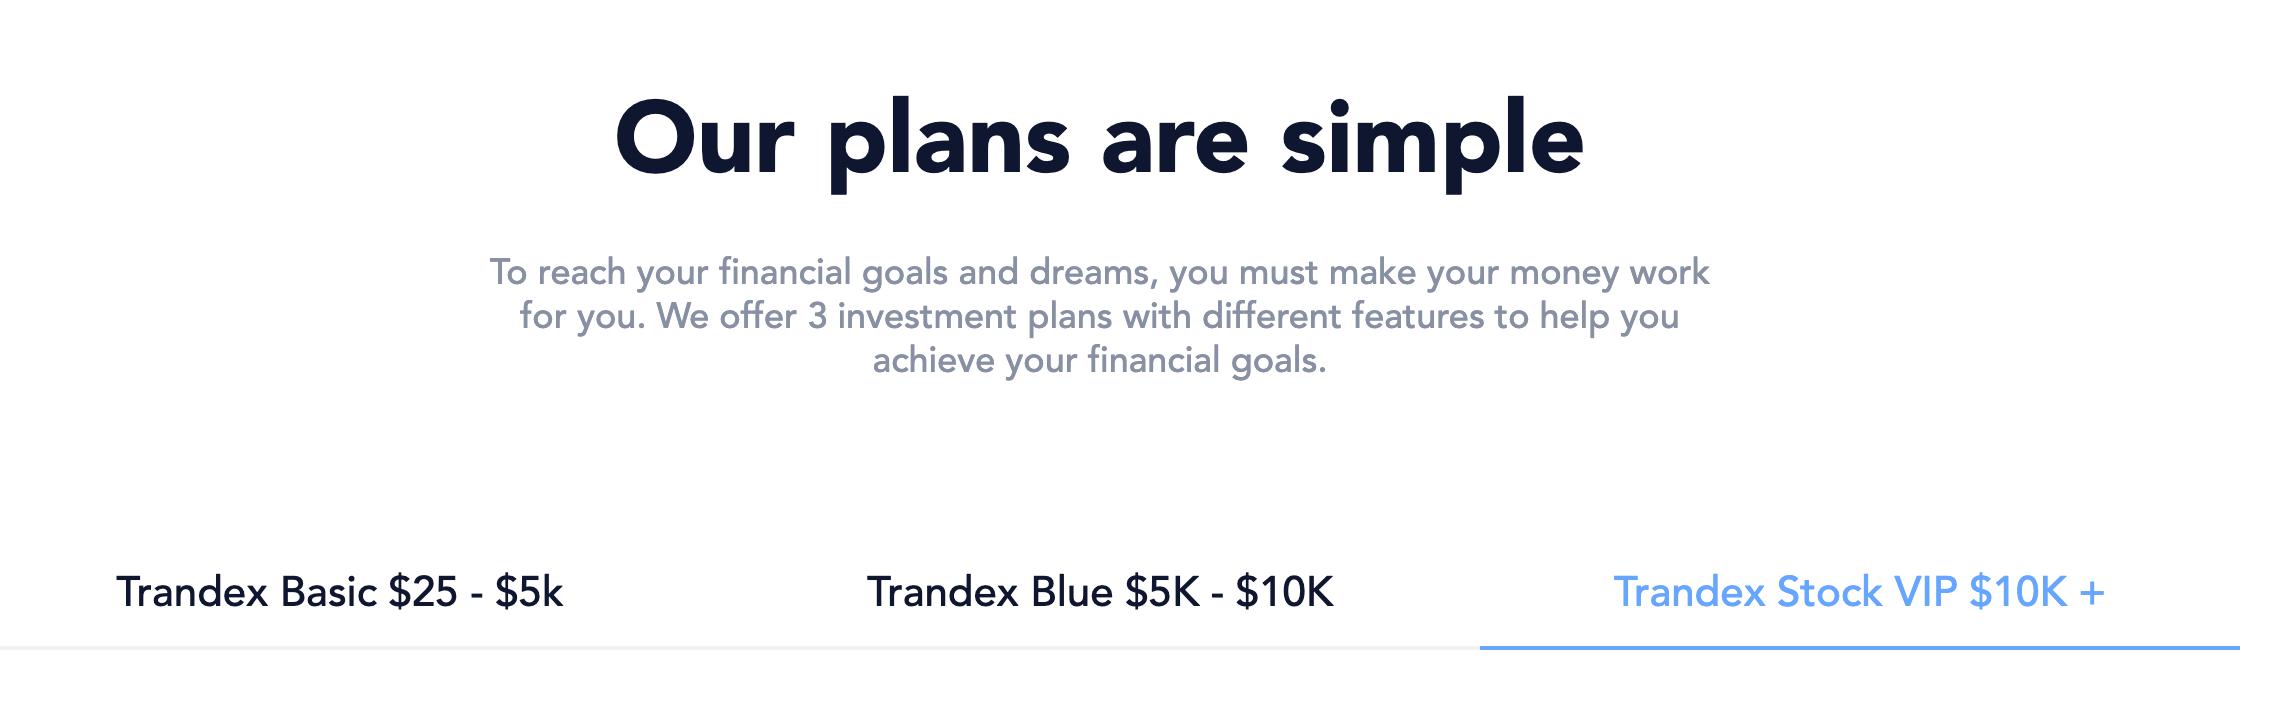 Trandex plans